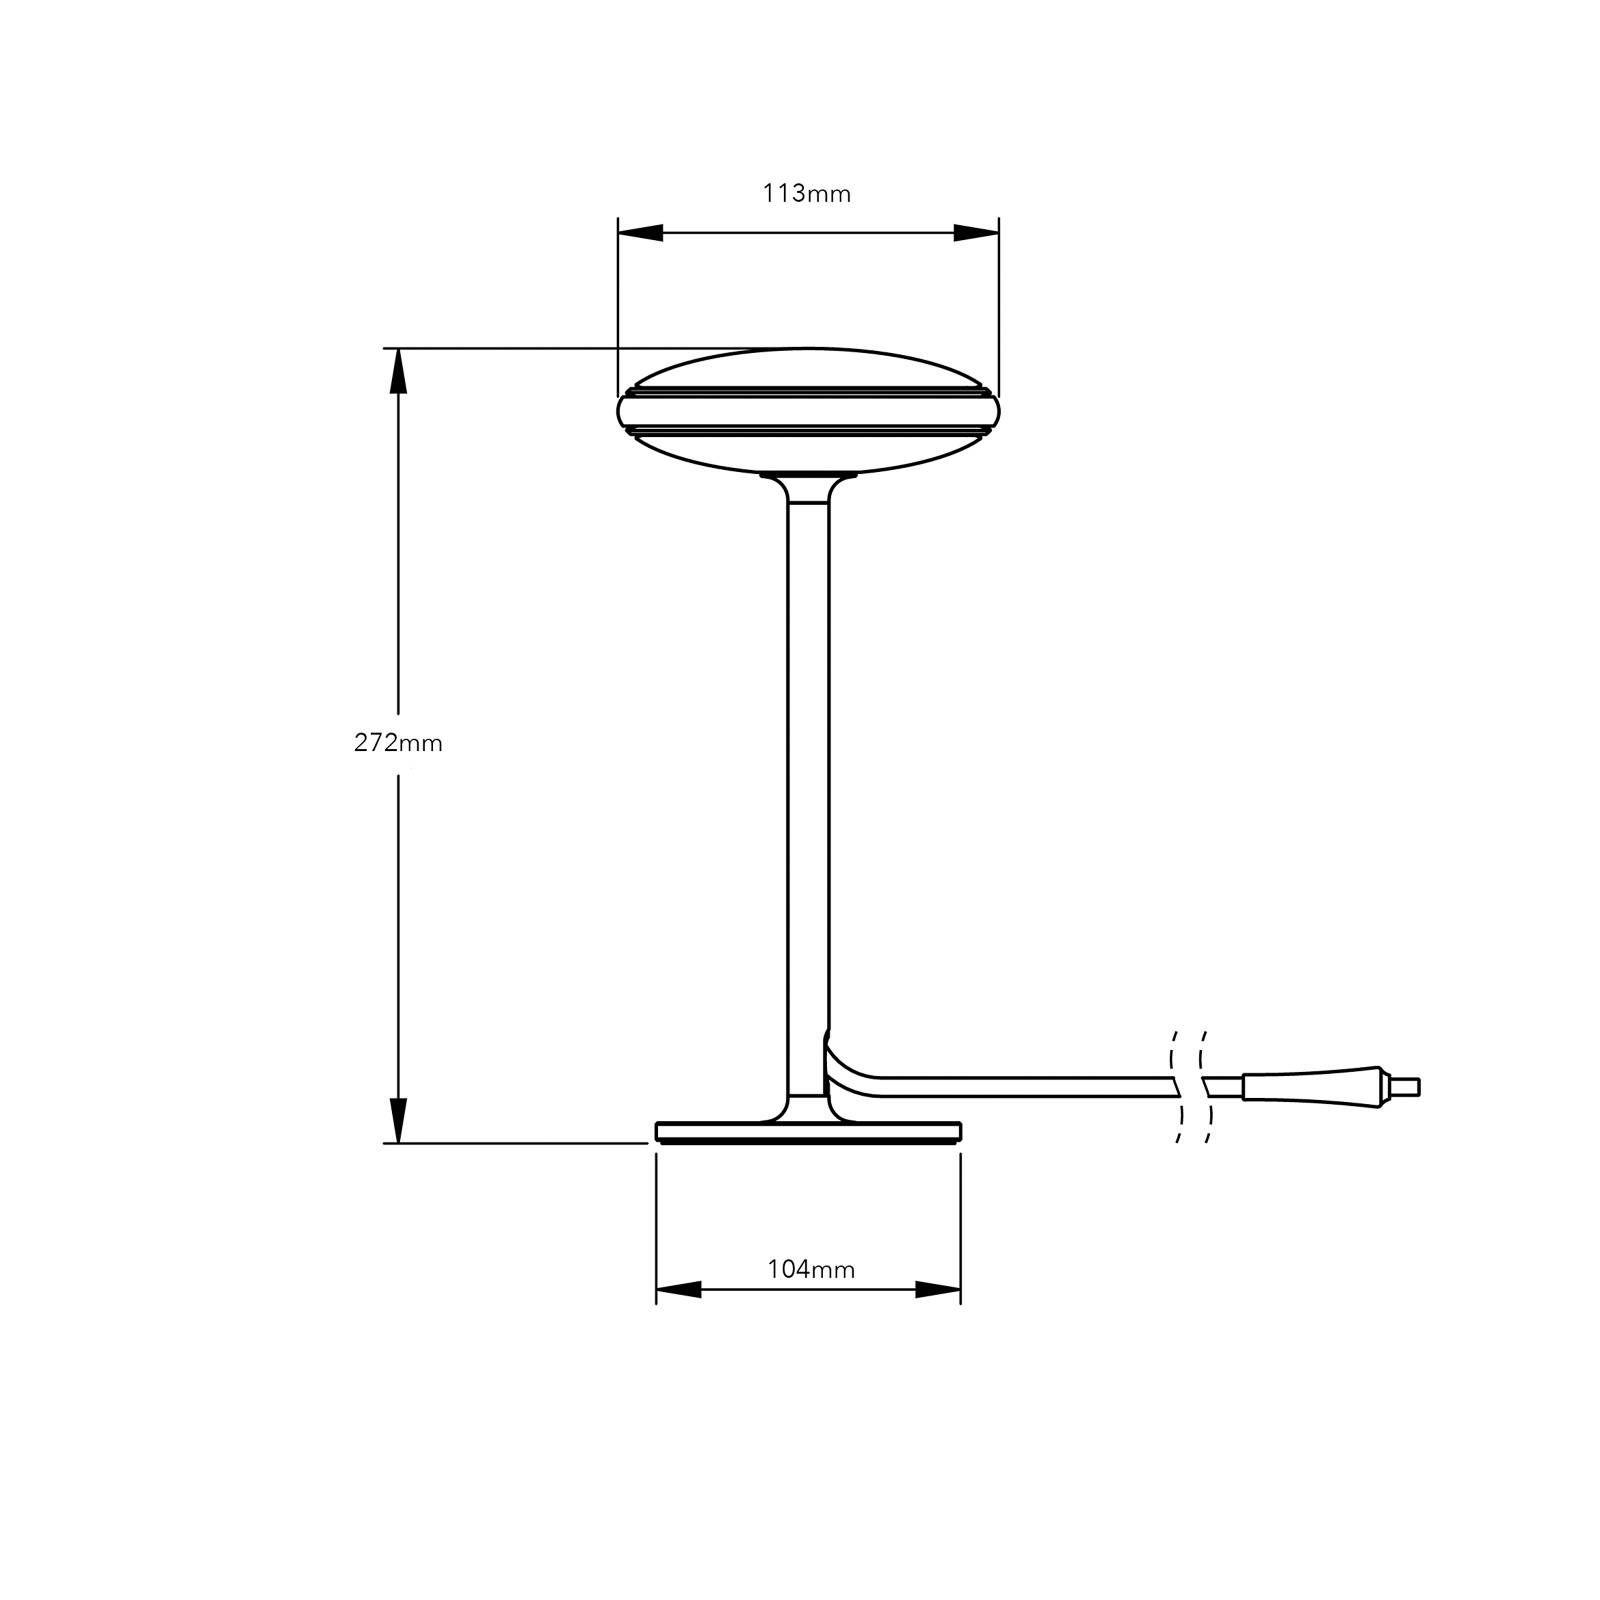 Moderne Smart Home Tischleuchten ØS1 von SHADE LIGHTS Weiß